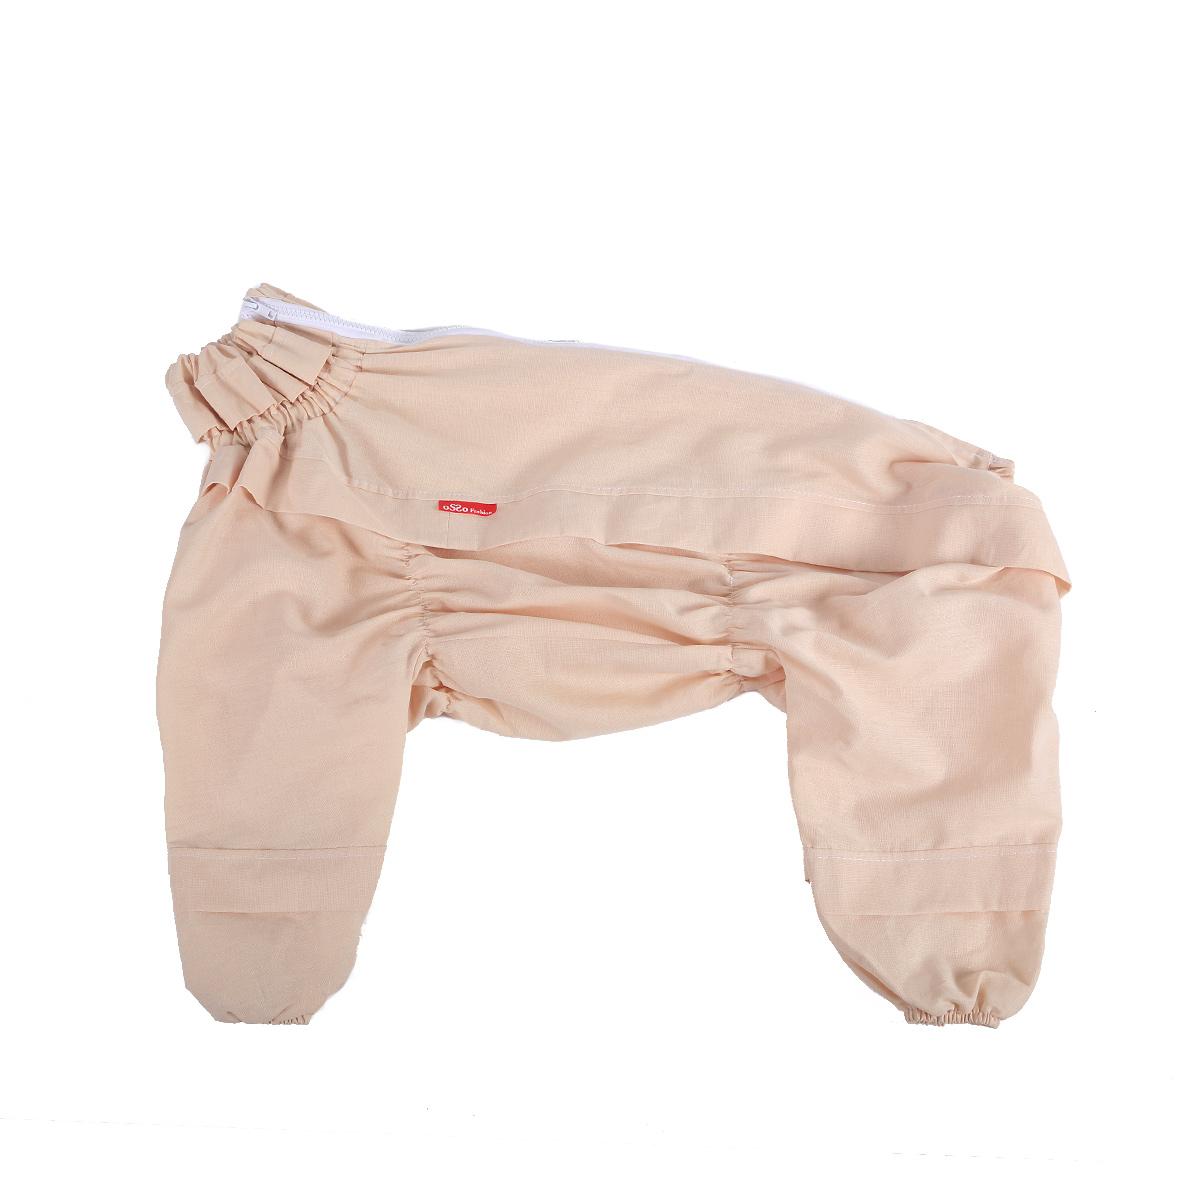 Комбинезон для собак OSSO Fashion, от клещей, для девочки, цвет: бежевый. Размер 650120710Комбинезон от клещей с ловушками OSSO Fashion изготовлен из 100% хлопка, имеет светлую расцветку, на которой сразу будут заметны кровососущие насекомые. Комбинезон от клещей с ловушками OSSO Fashion предназначен для защиты собак во время прогулок по парку и лесу. Разработан с учетом особенностей поведения клещей. На комбинезоне от клещей OSSO Fashionимеются складки-ловушки на груди, на штанинах, на боках комбинезона и на шее, которые преграждают движение насекомого вверх. Комбинезон очень легкий и удобный. Низ штанин на резинке, на спине молния. Как это работает? Перед прогулкой нужно распылить акарицидное средство от клещей под складки-ловушки комбинезона (по всей длине складки). Клещ попадая под складку сам не может обойти препятствие и погибает, он также не может впиться в кожу питомца через ткань. Рекомендуем обрабатывать не весь комбинезон, а только складки-ловушки. После прогулки желательно осмотреть комбинезон на наличие клещей, предотвратив попадание их в дом. Комбинезоны от клещей с ловушками OSSO Fashion обеспечивают комфортные условия пребывания собаки на природе в любую погоду, в том числе и в летнюю жару в пик сезона активности клещей, за счет дышащей ткани из 100% хлопка и светлой расцветки.Длина спинки: 65 см.Объем груди: 74-108 см.